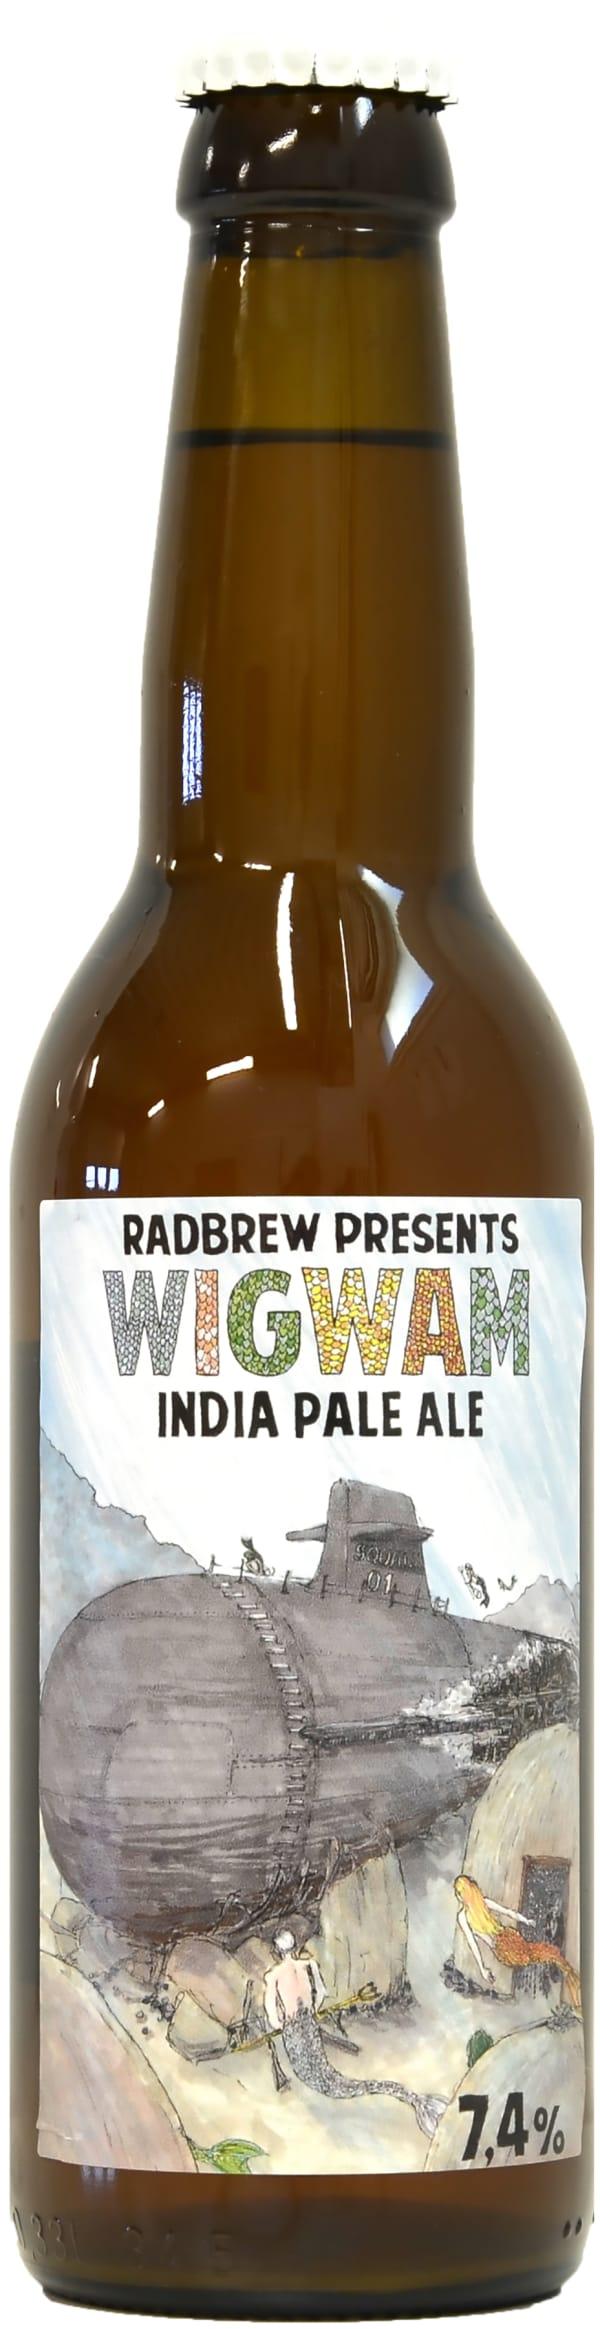 Radbrew Wigwam